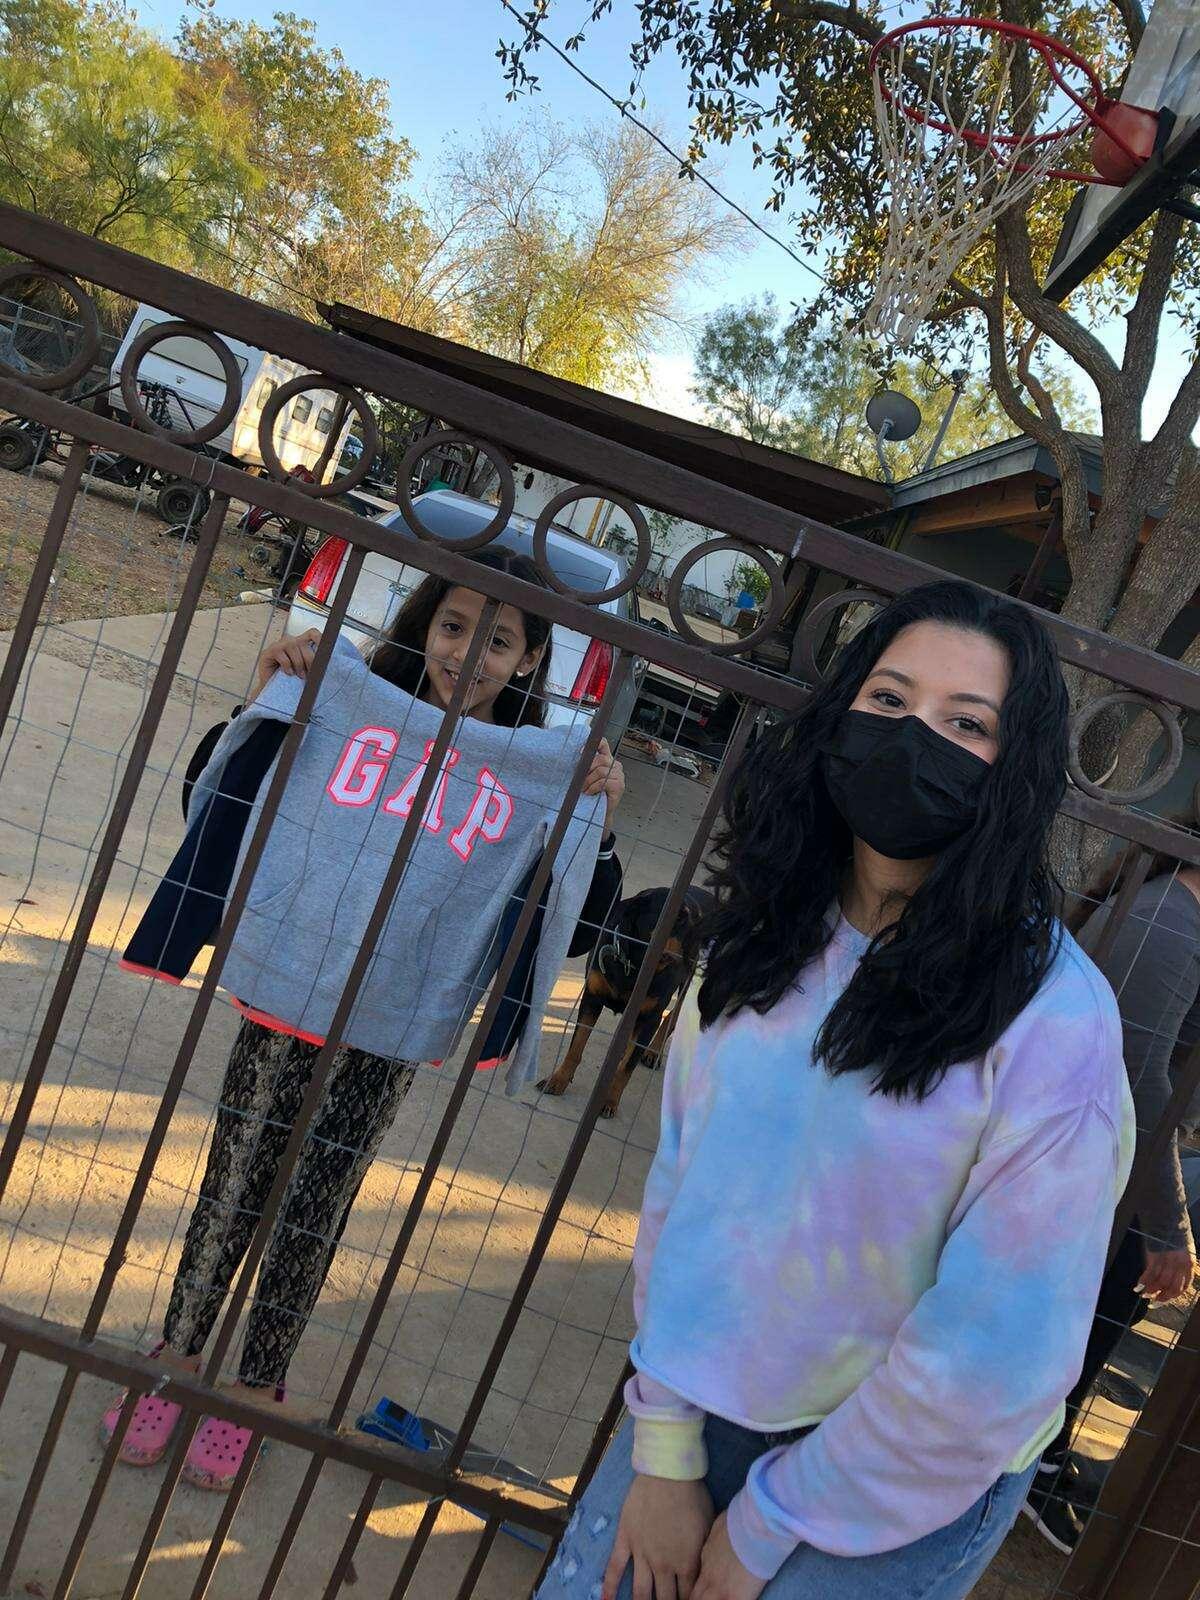 Una niña sonríe al mostrar su hoodie entregada por Anacecy Chávez, embajadora juvenil de la organización PAME Kids USA, durante un evento de donación celebrado recientemente en El Cenizo y Río Bravo.